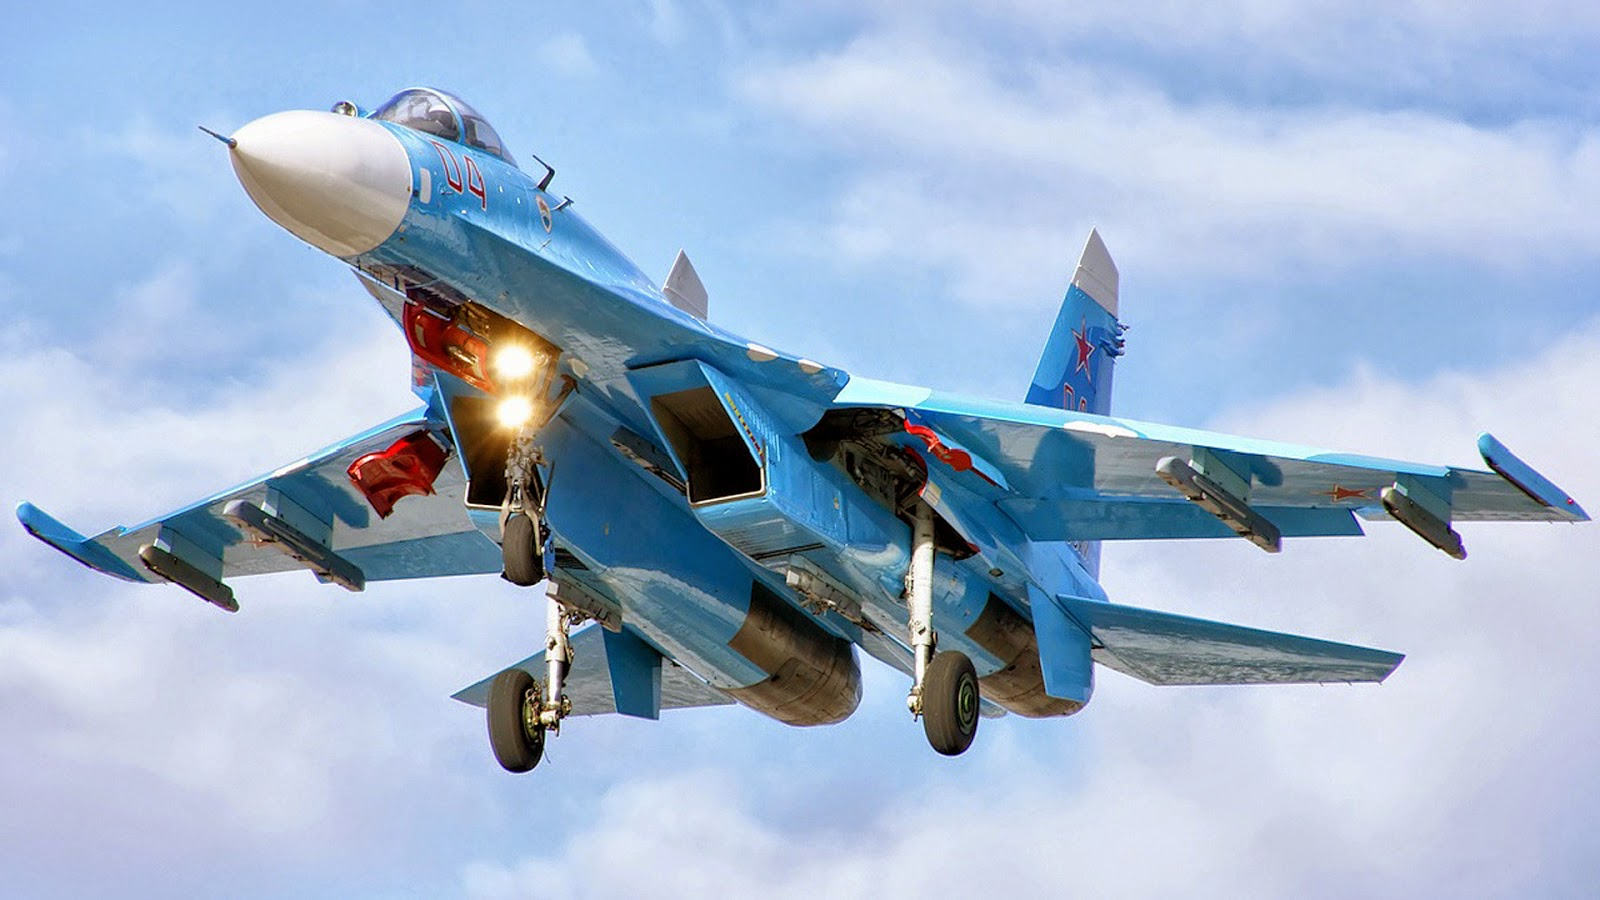 российские военные самолеты фото и названия задорно проходит реализация